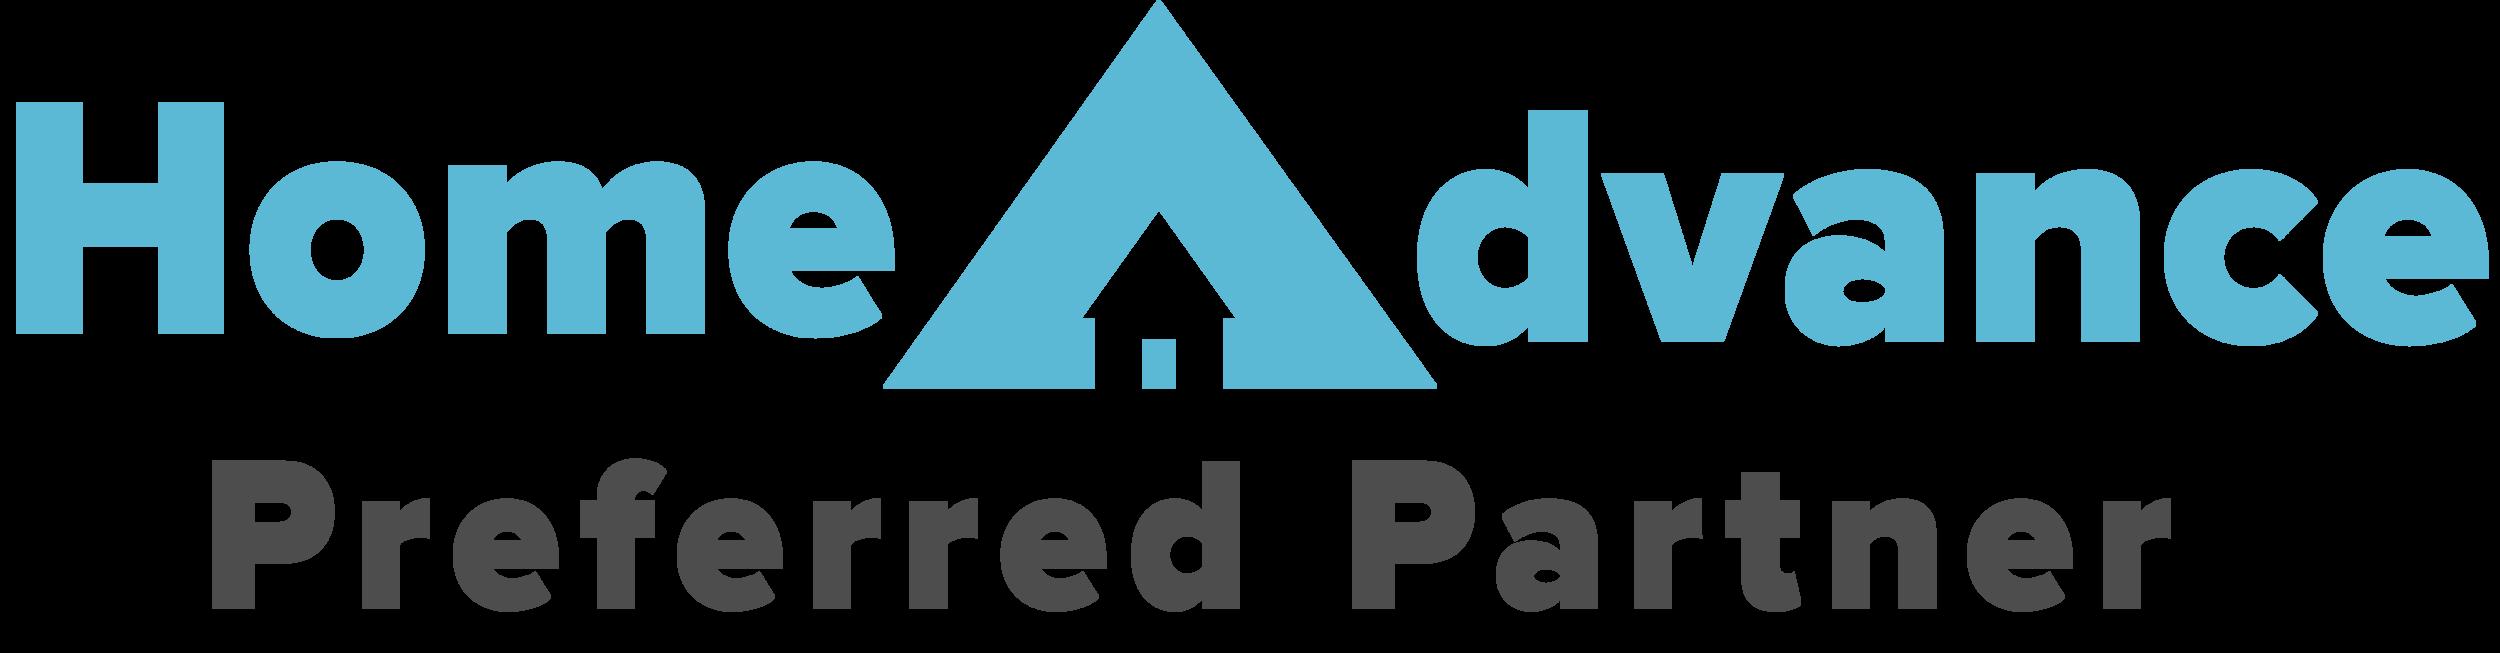 HomeAdvance Preferred Partner.png